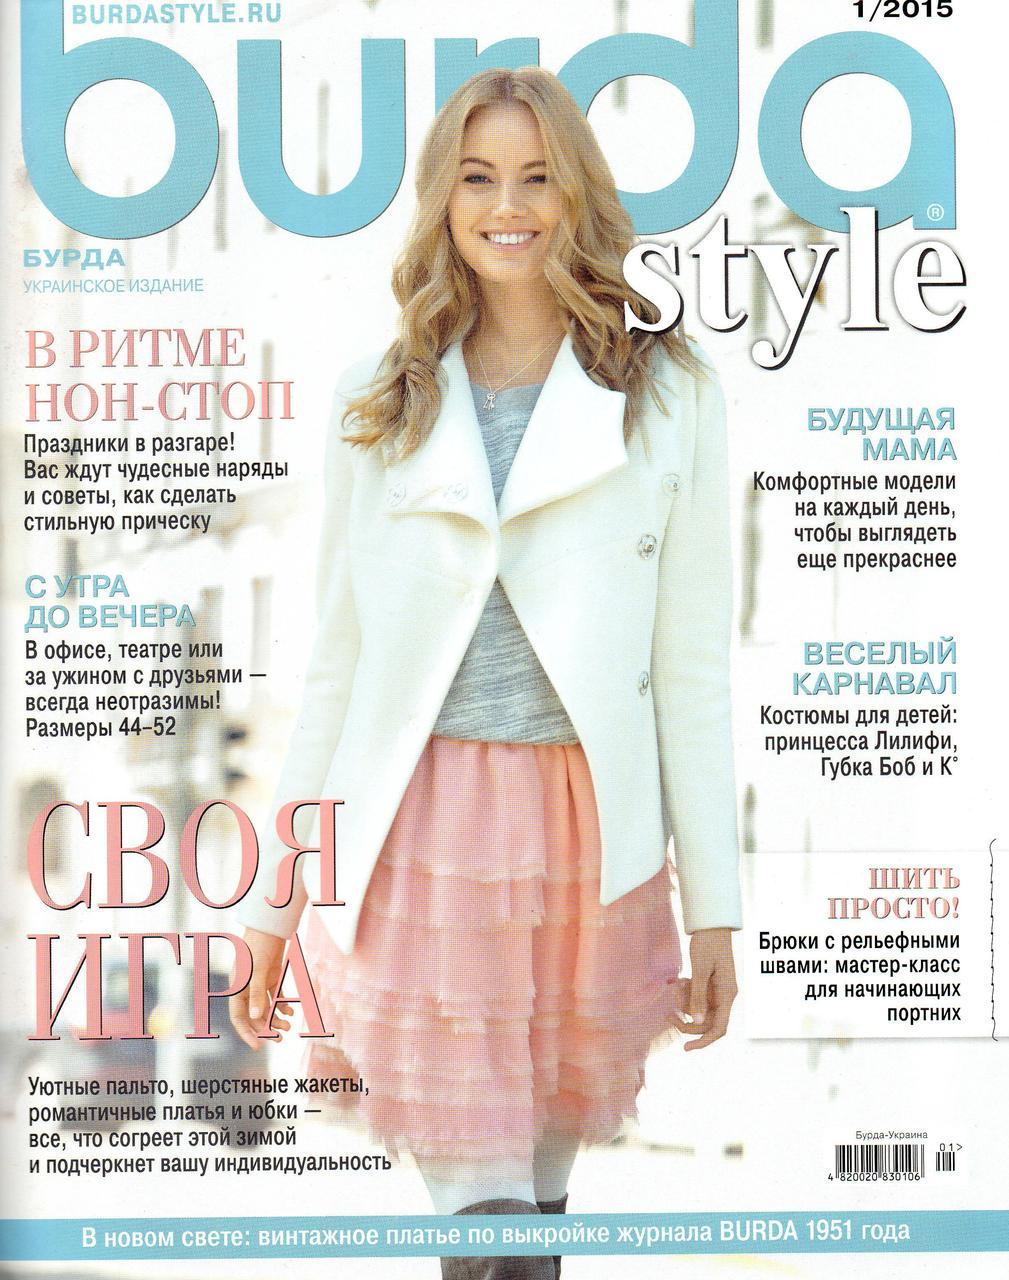 Журнал Бурда Україна (Burda UA) січень №01 2015